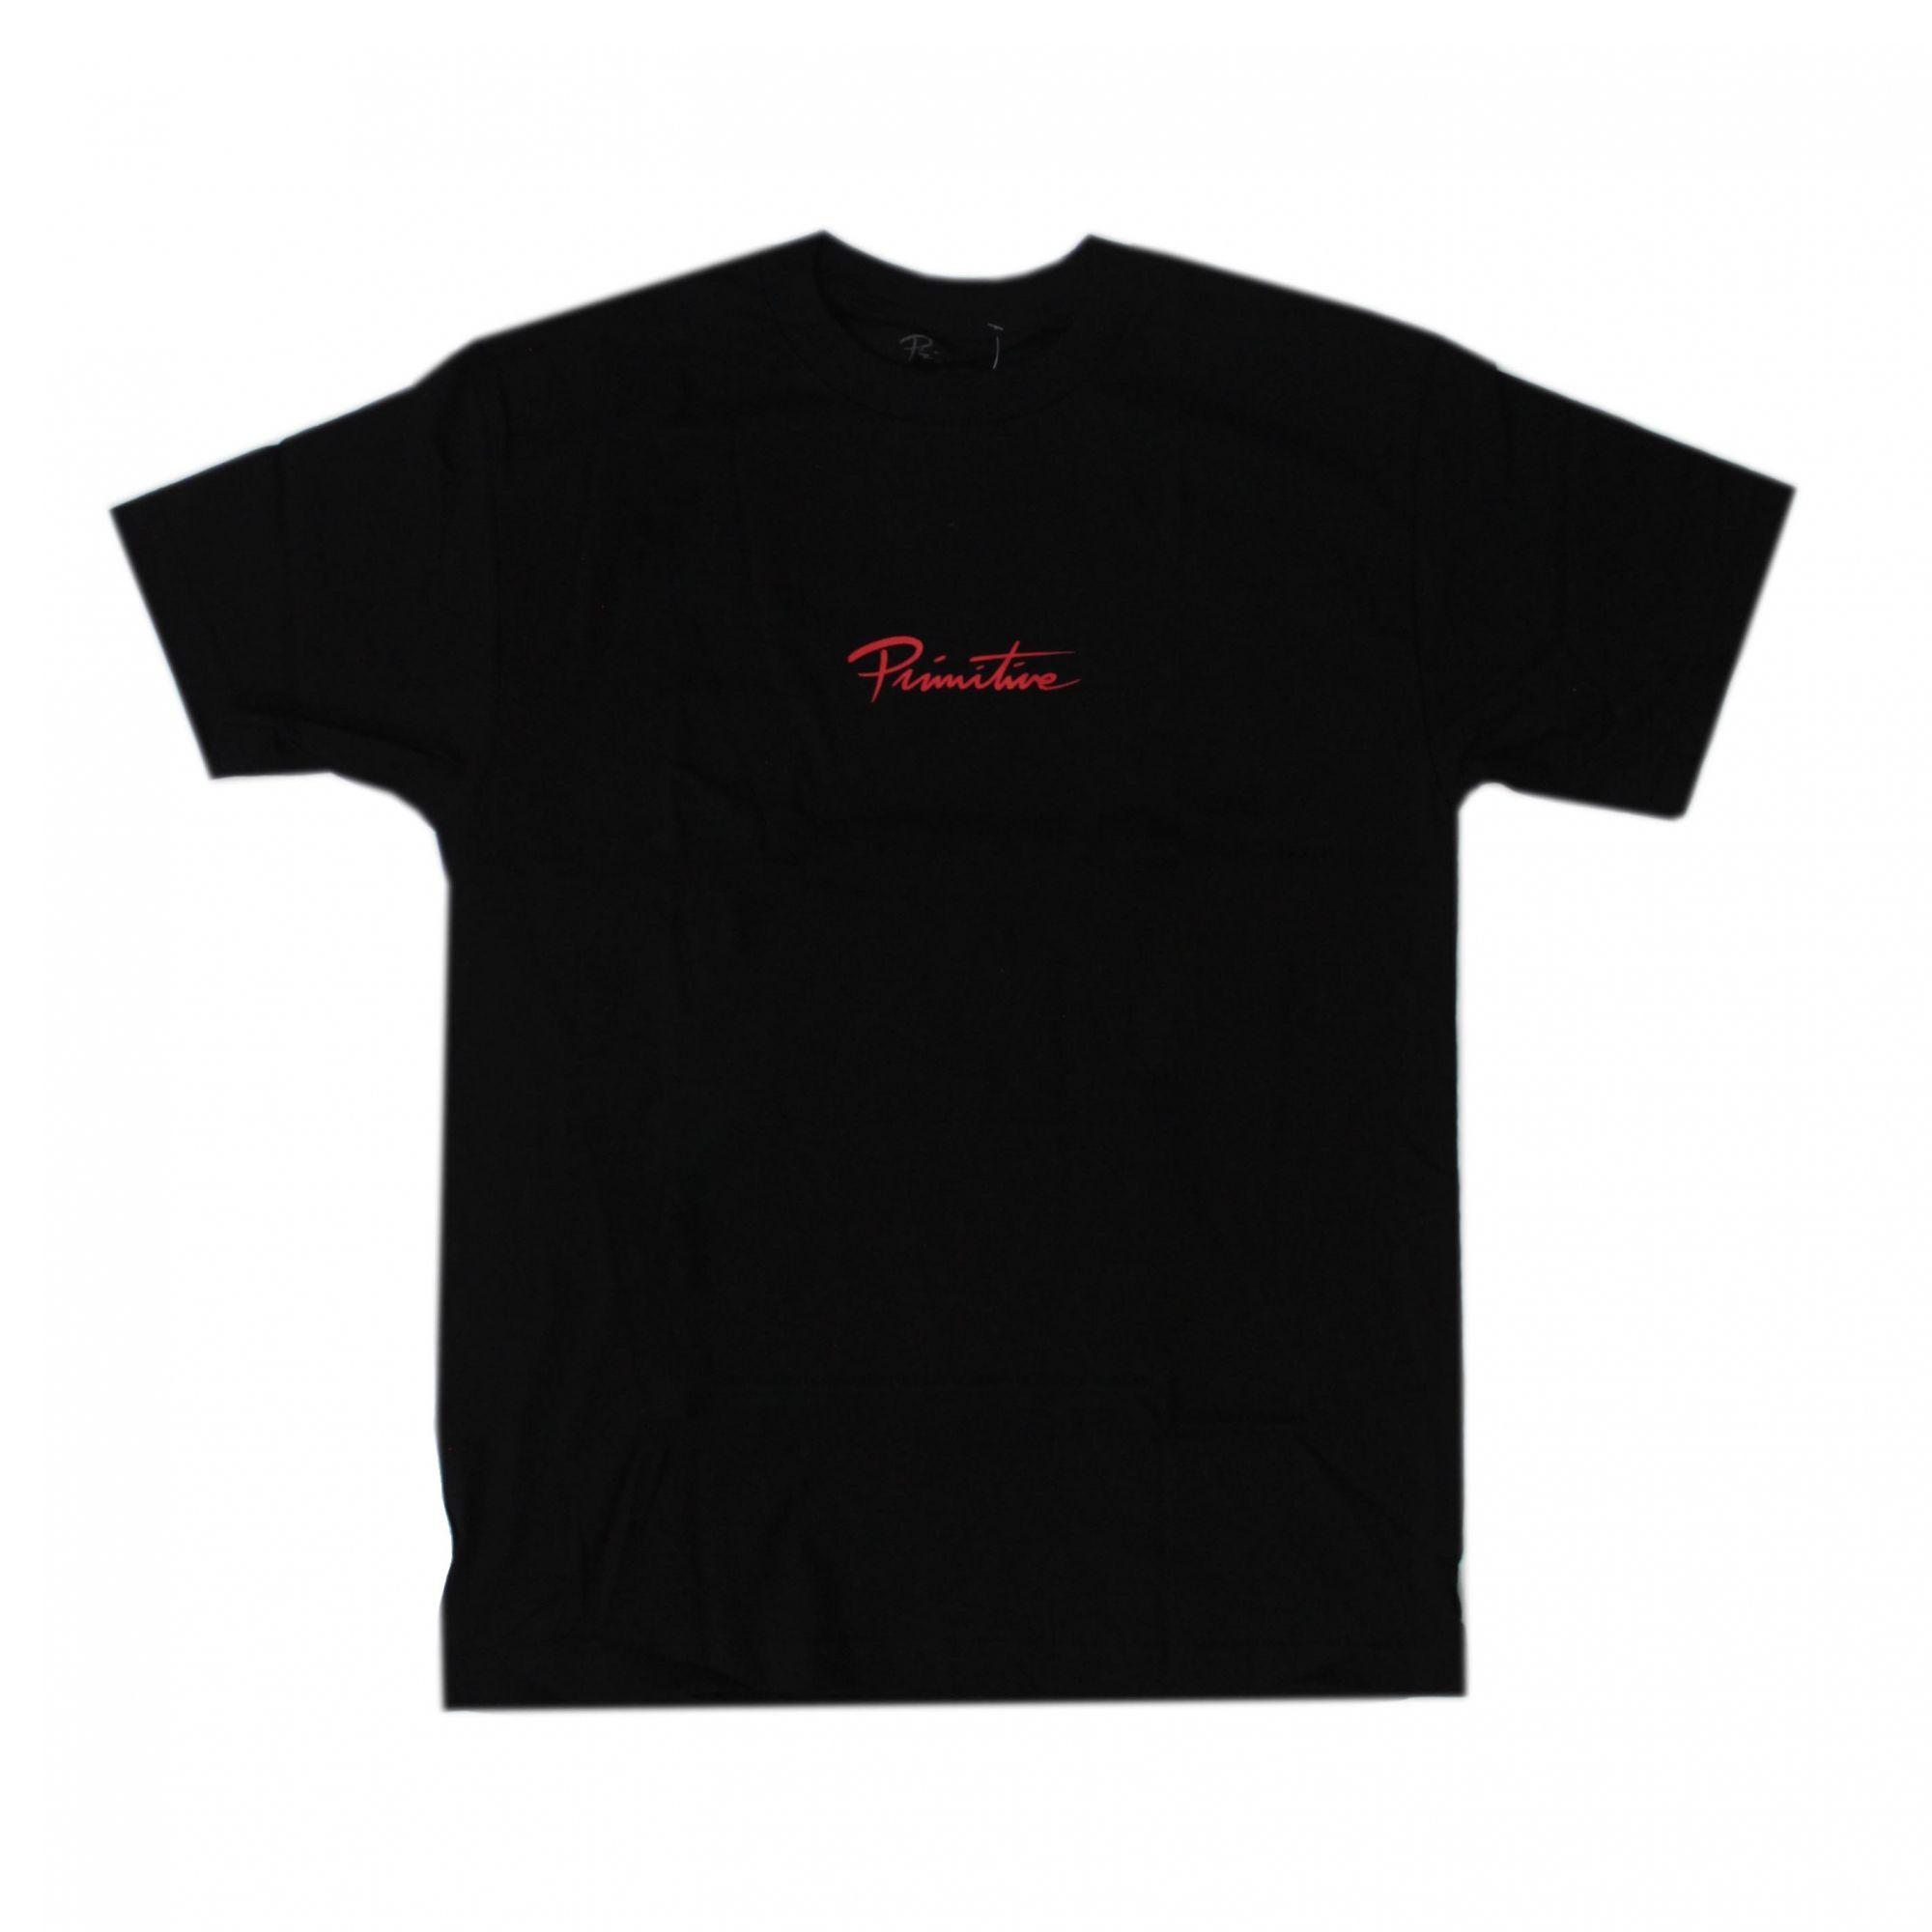 Camiseta Primitive Broken Tee - Preto (Importado)